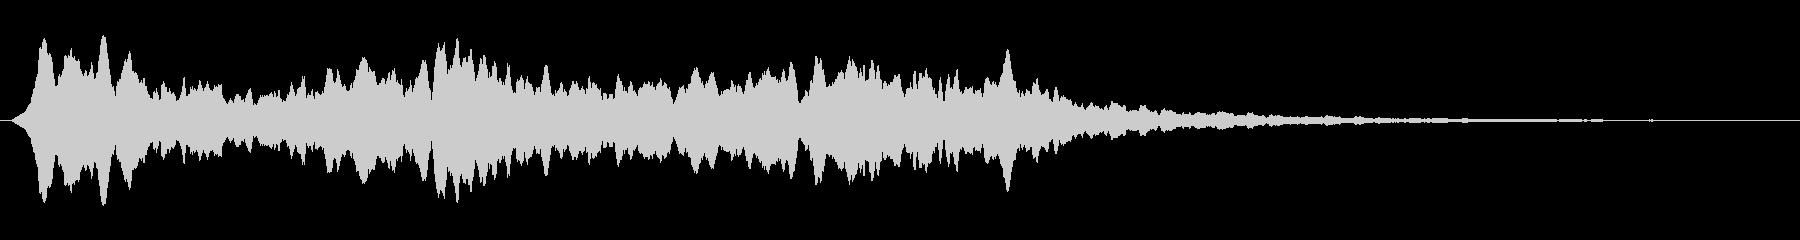 パッド エアリー合唱団02の未再生の波形